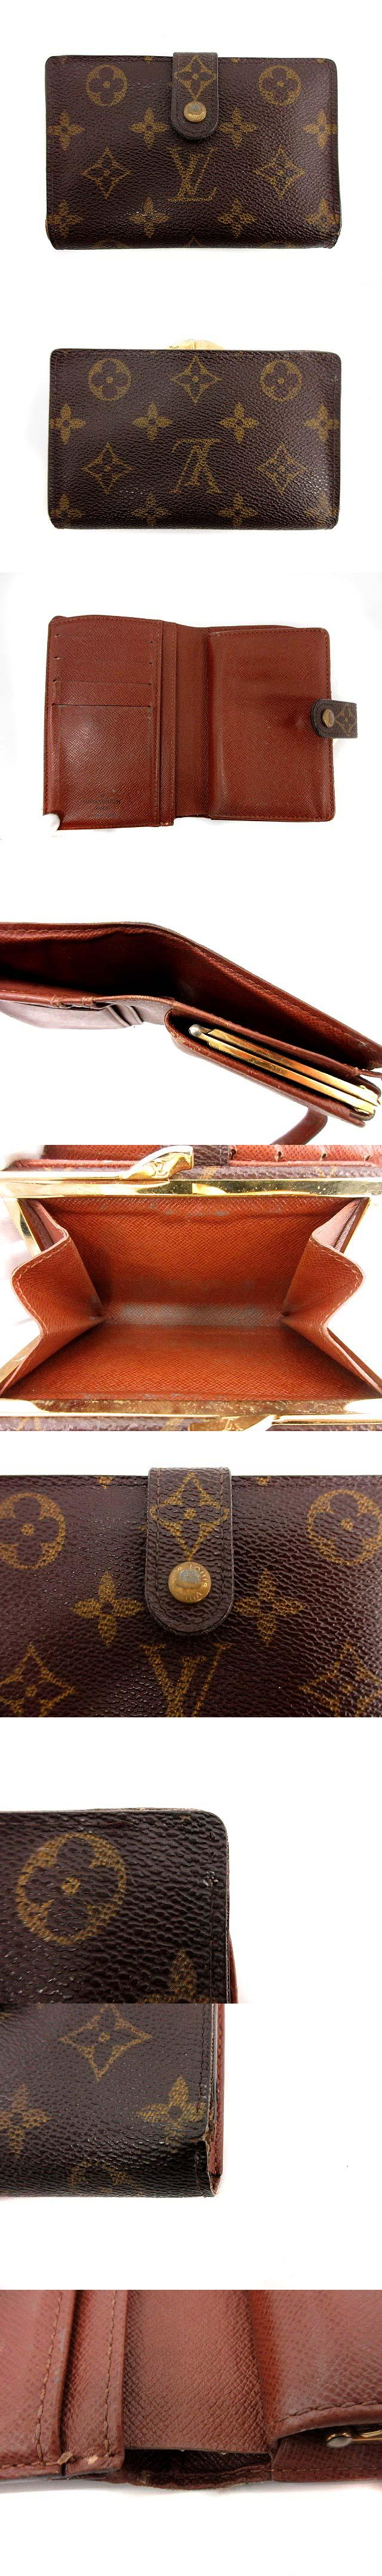 二つ折り財布 がま口 ポルトモネビエ ヴィエノワ モノグラム 茶 M61663 /☆Q6■SB